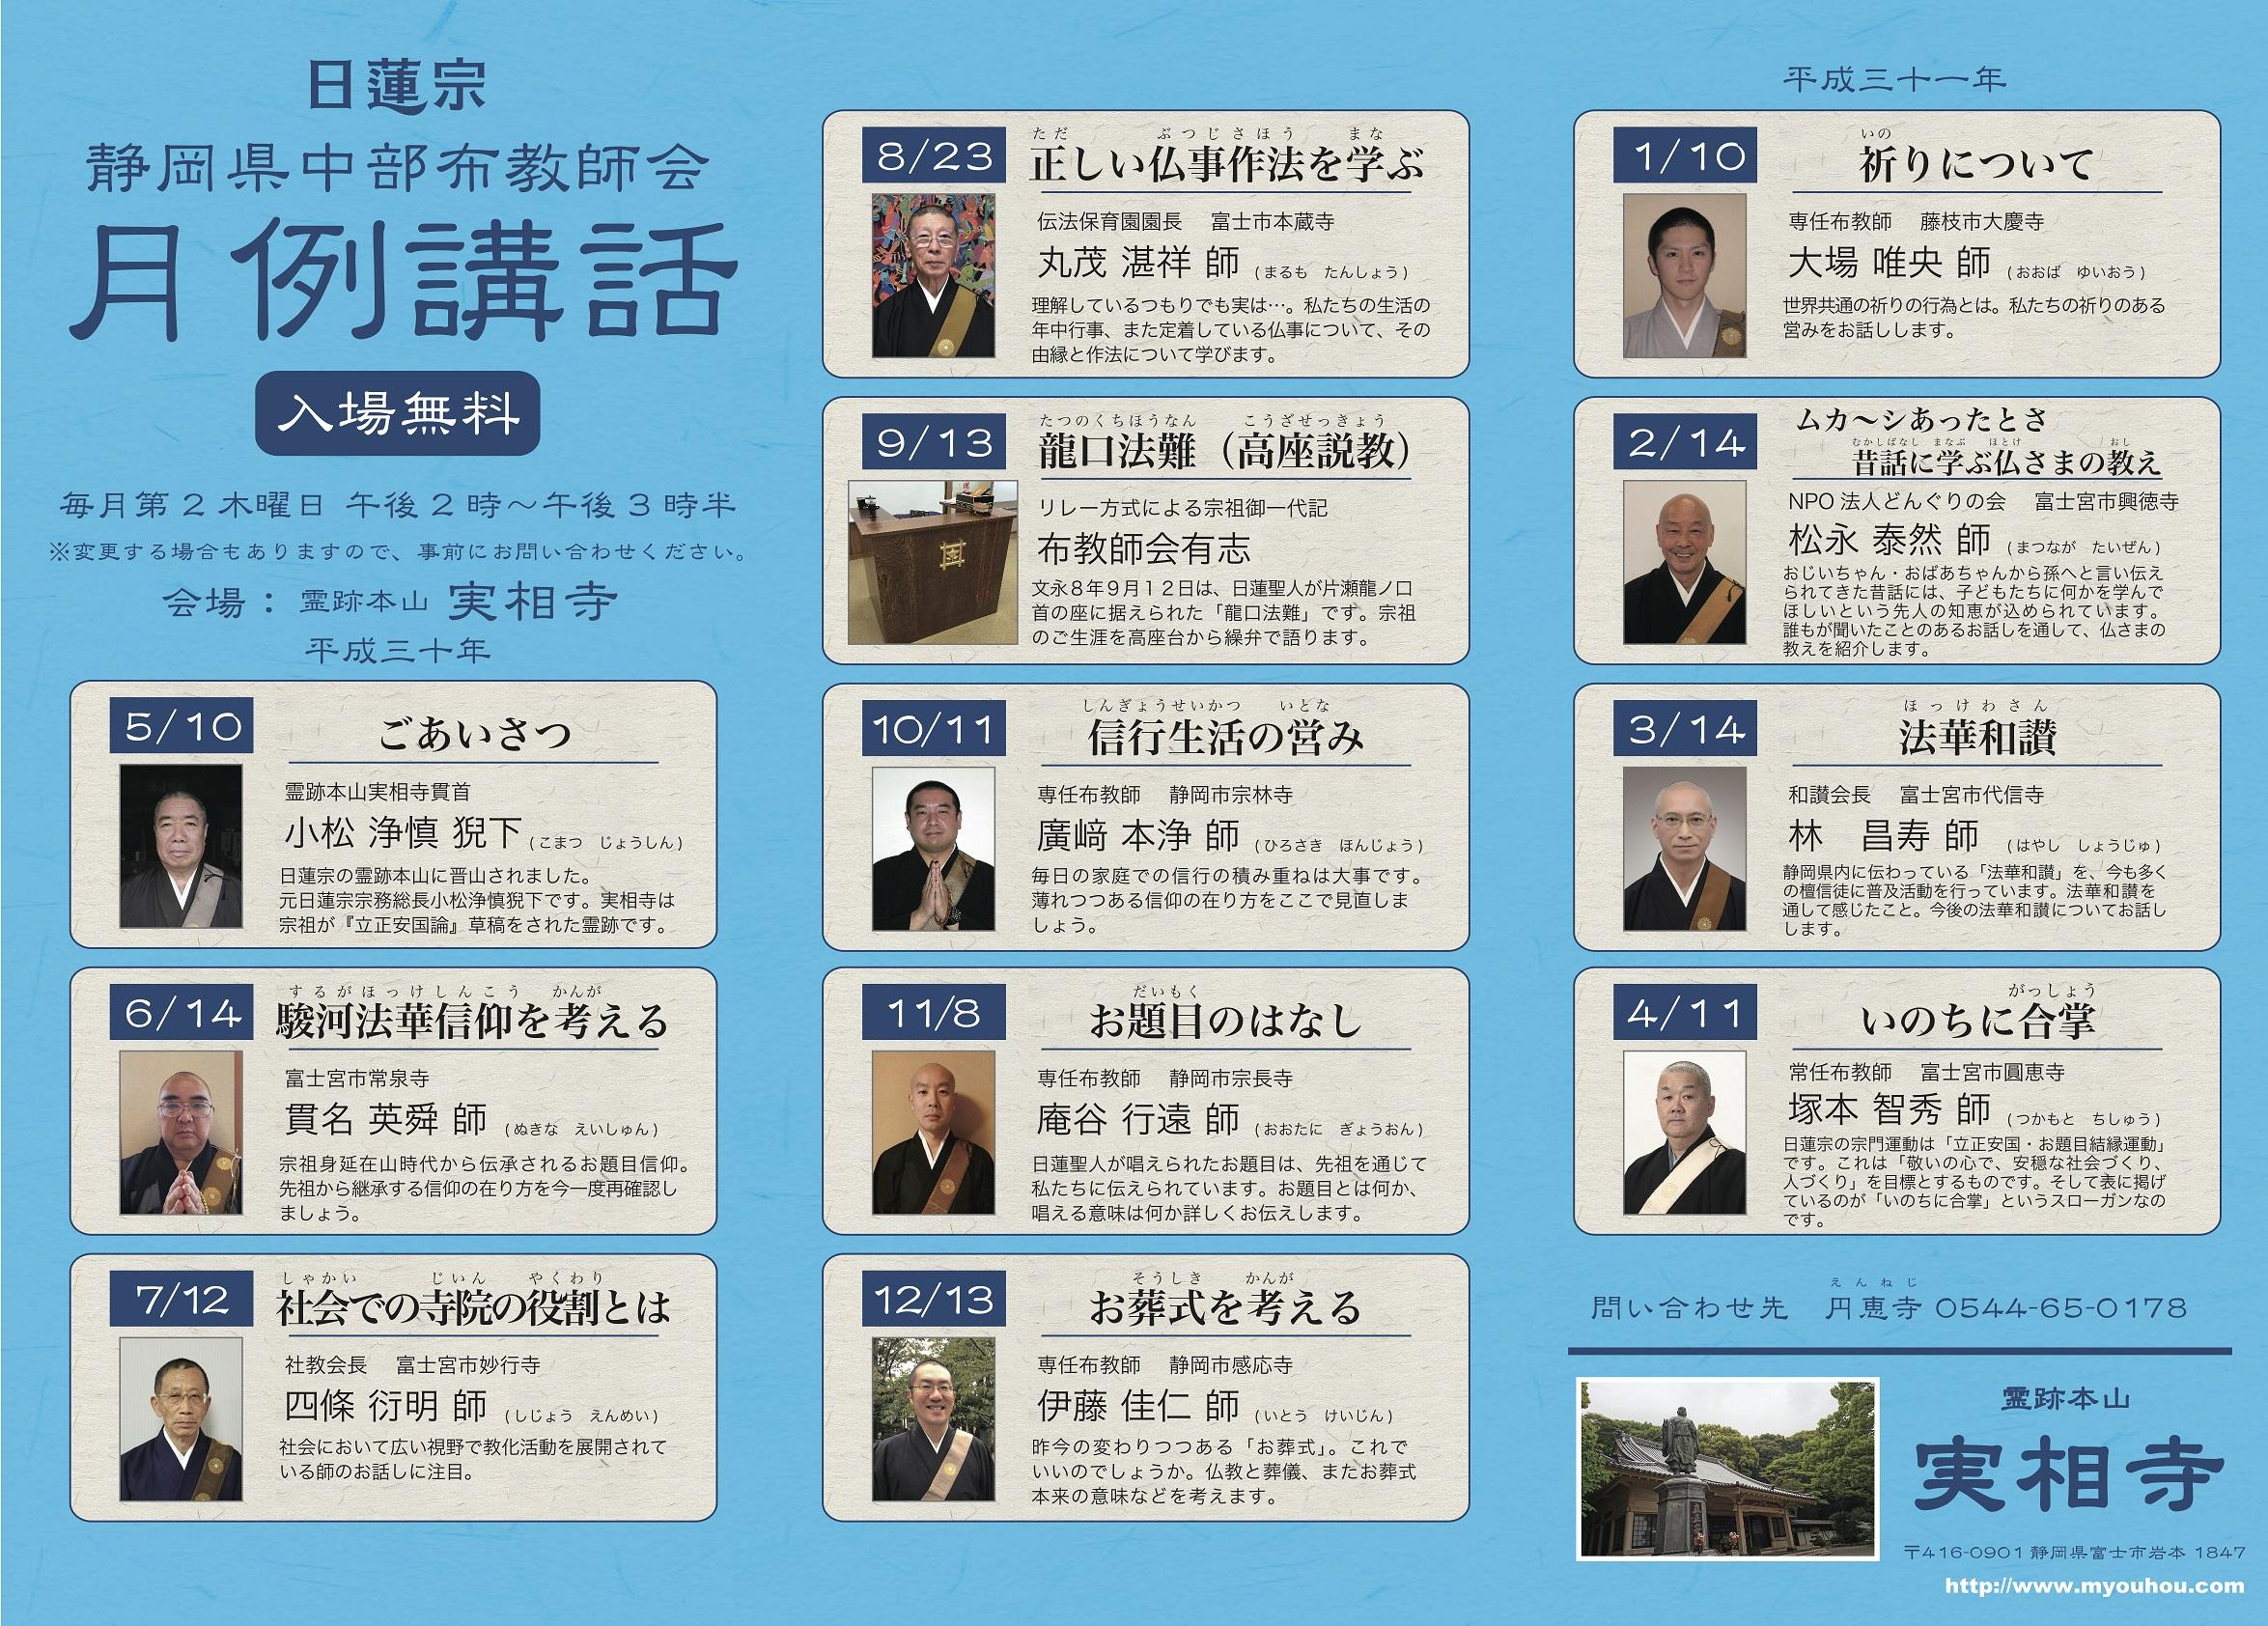 平成30年 8月例講話のご案内 【正しい仏事作法を学ぶ】